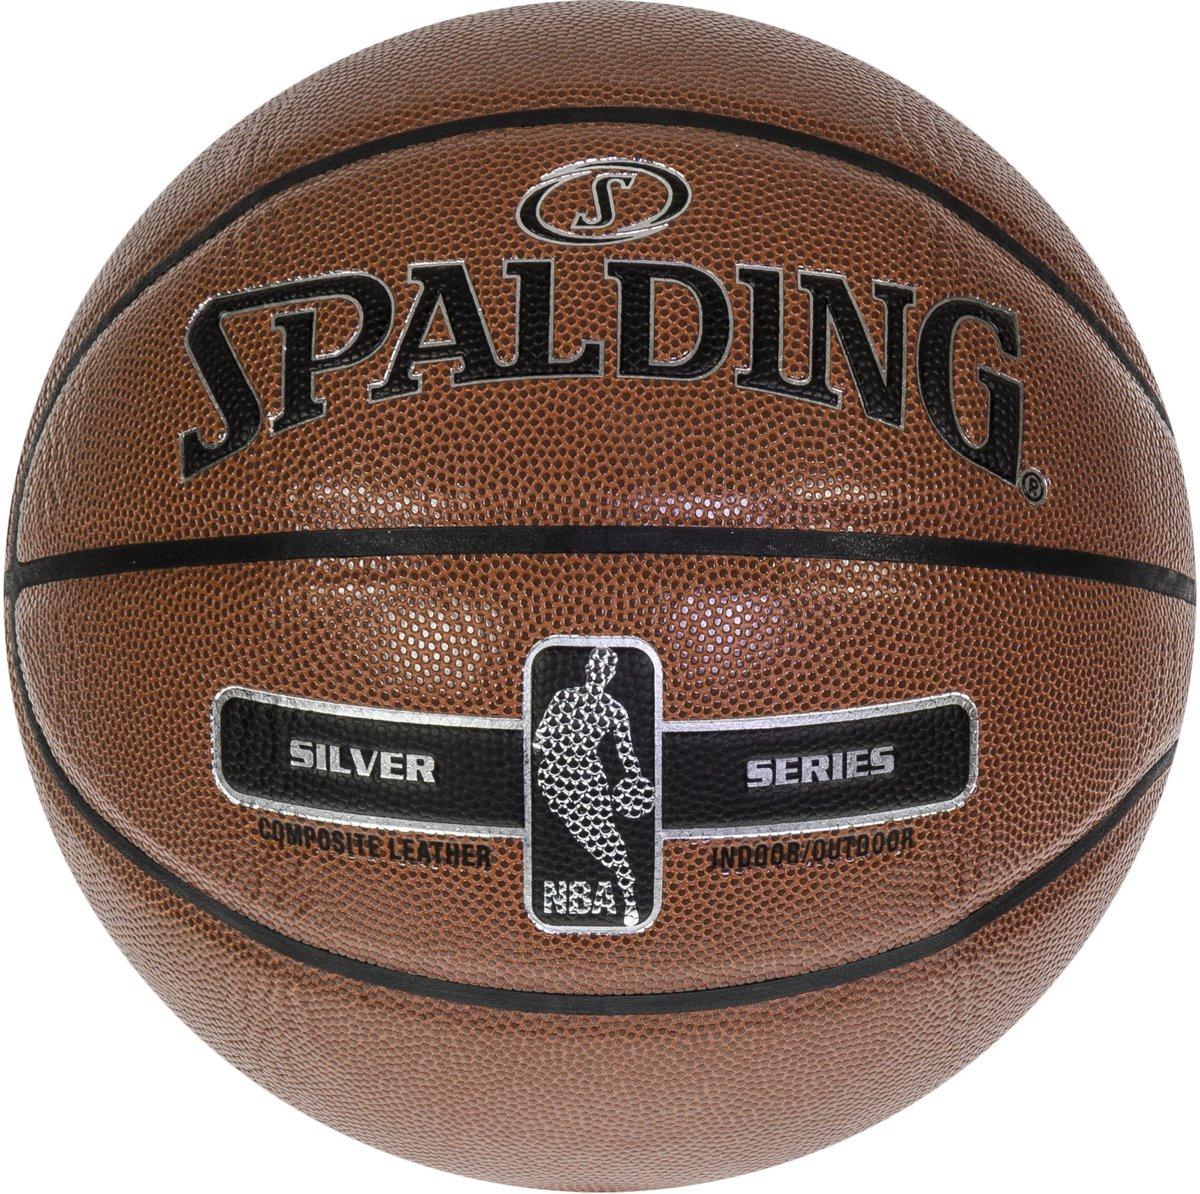 Spalding NBA Silver basketbal- oranje/zwart/zilver - maat 7 - in & outdoor kopen